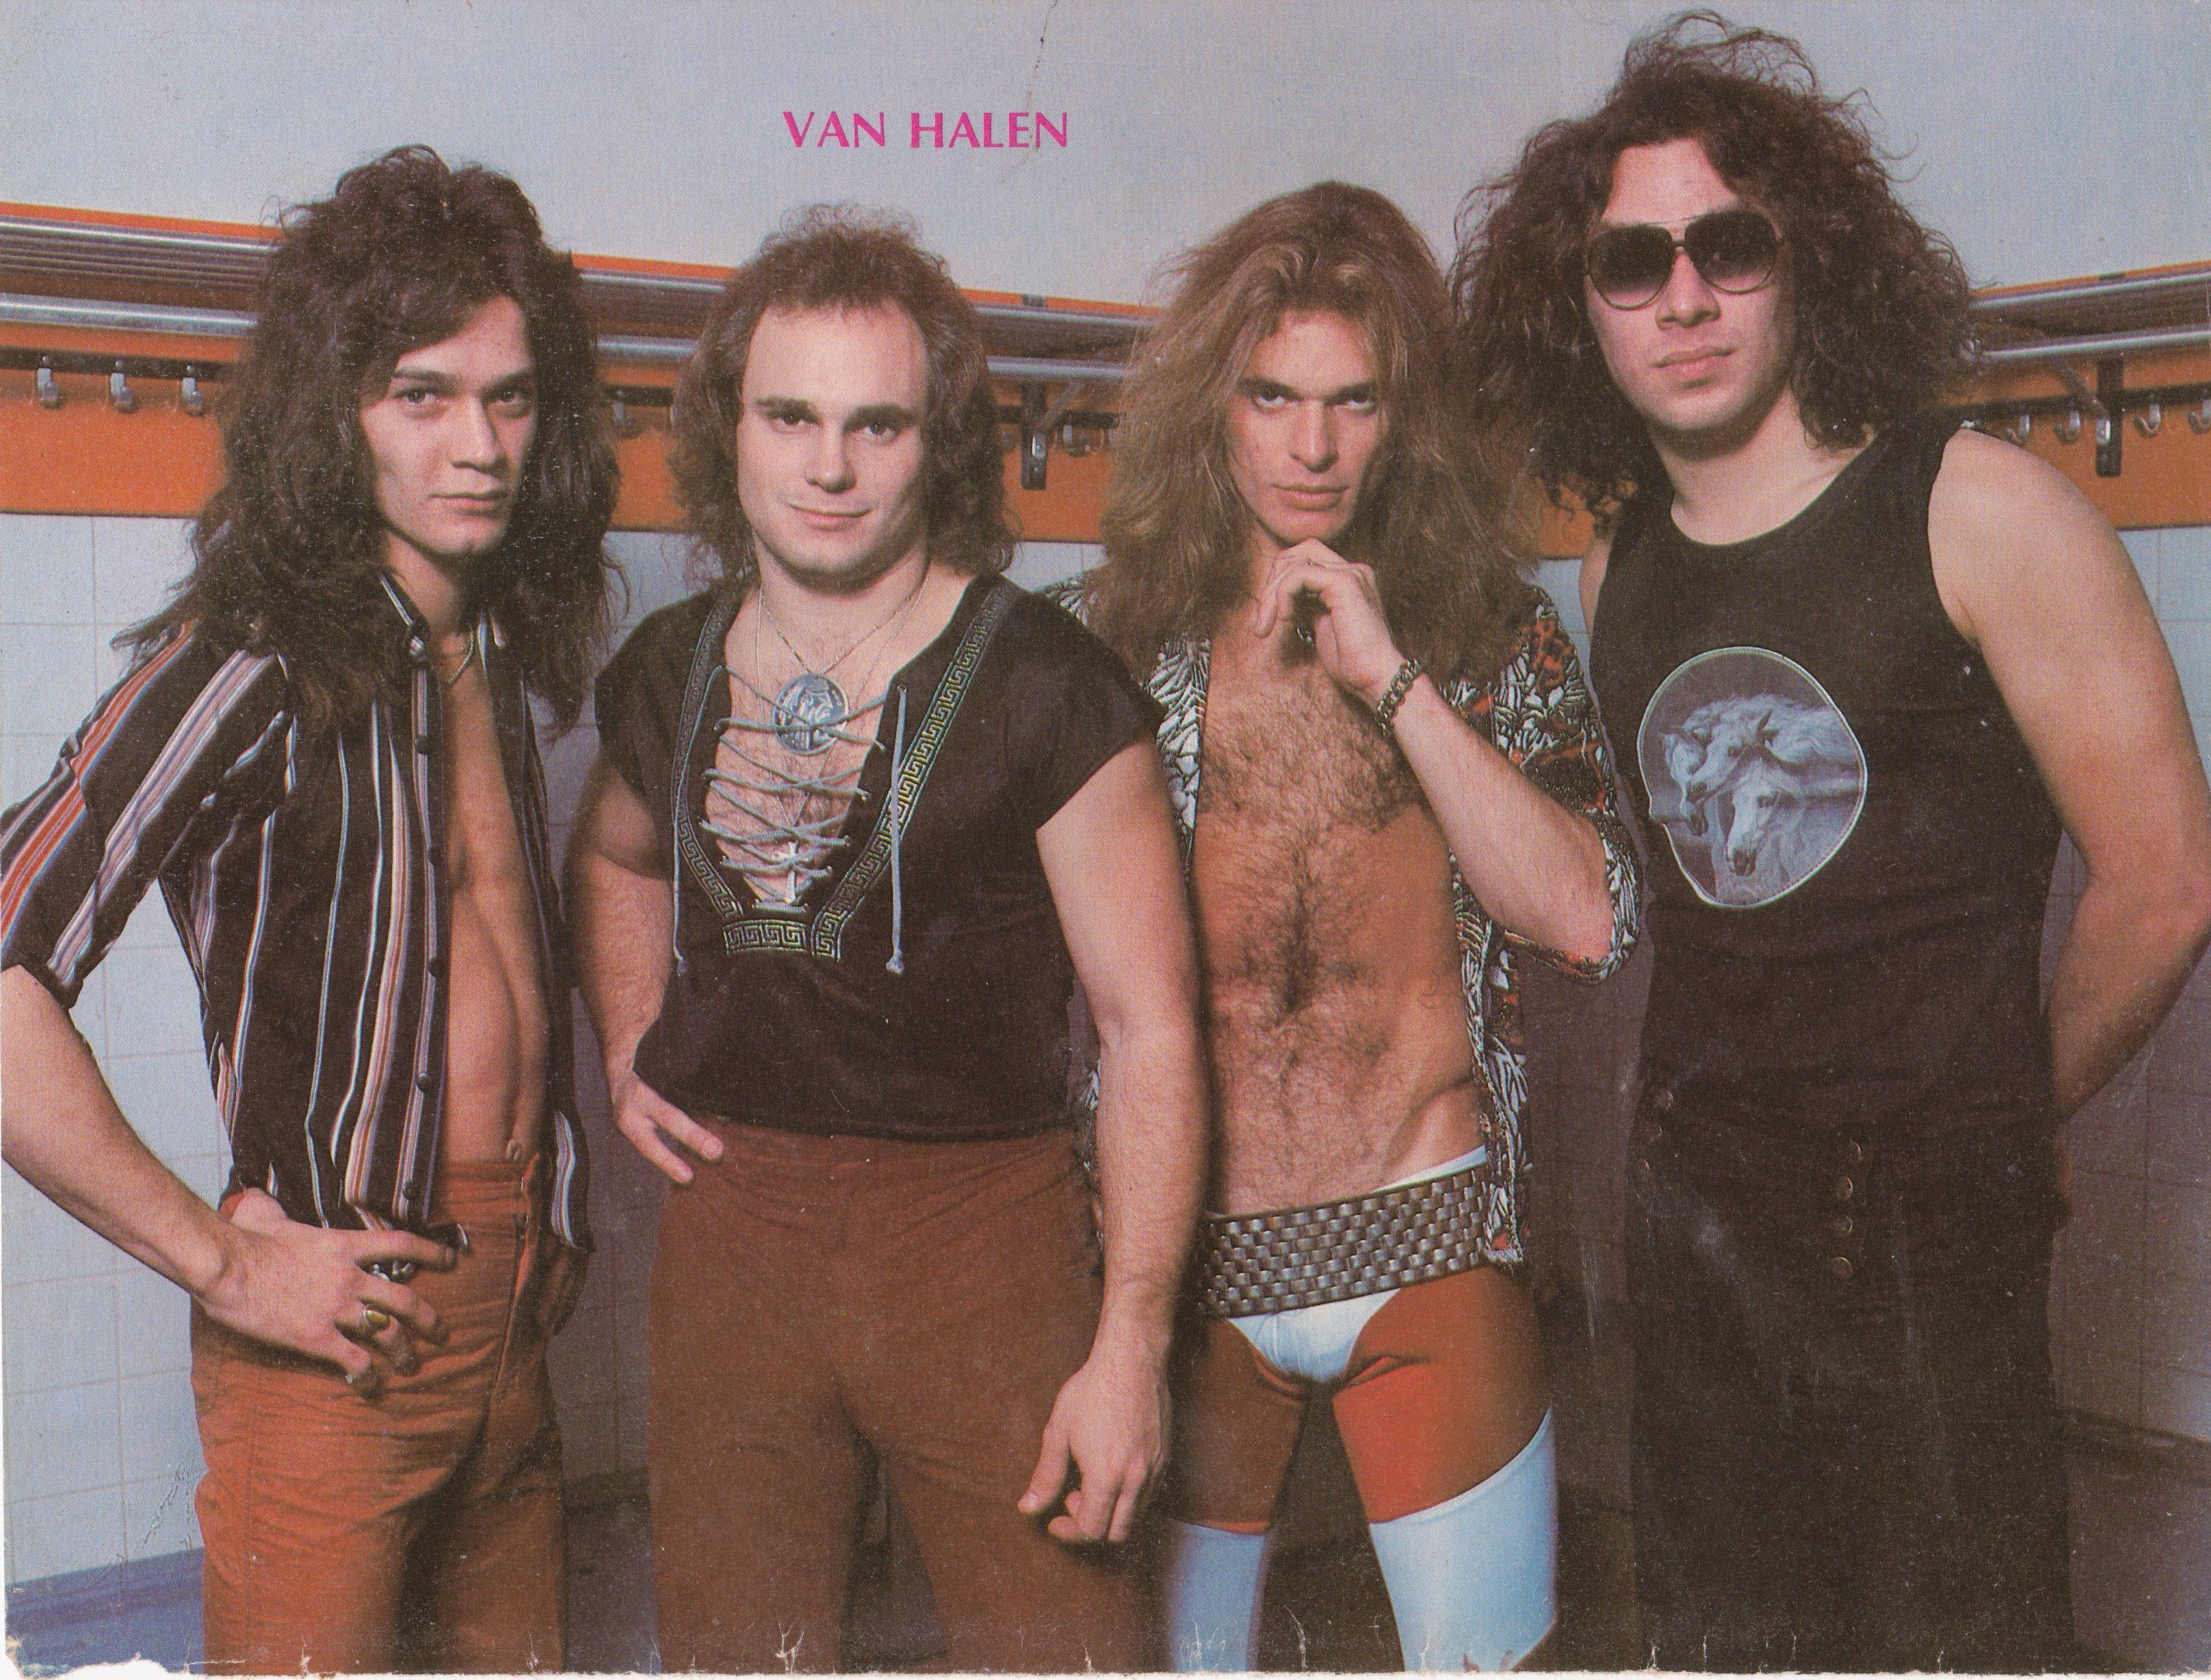 Young Van Halen Van Halen Eddie Van Halen David Lee Roth